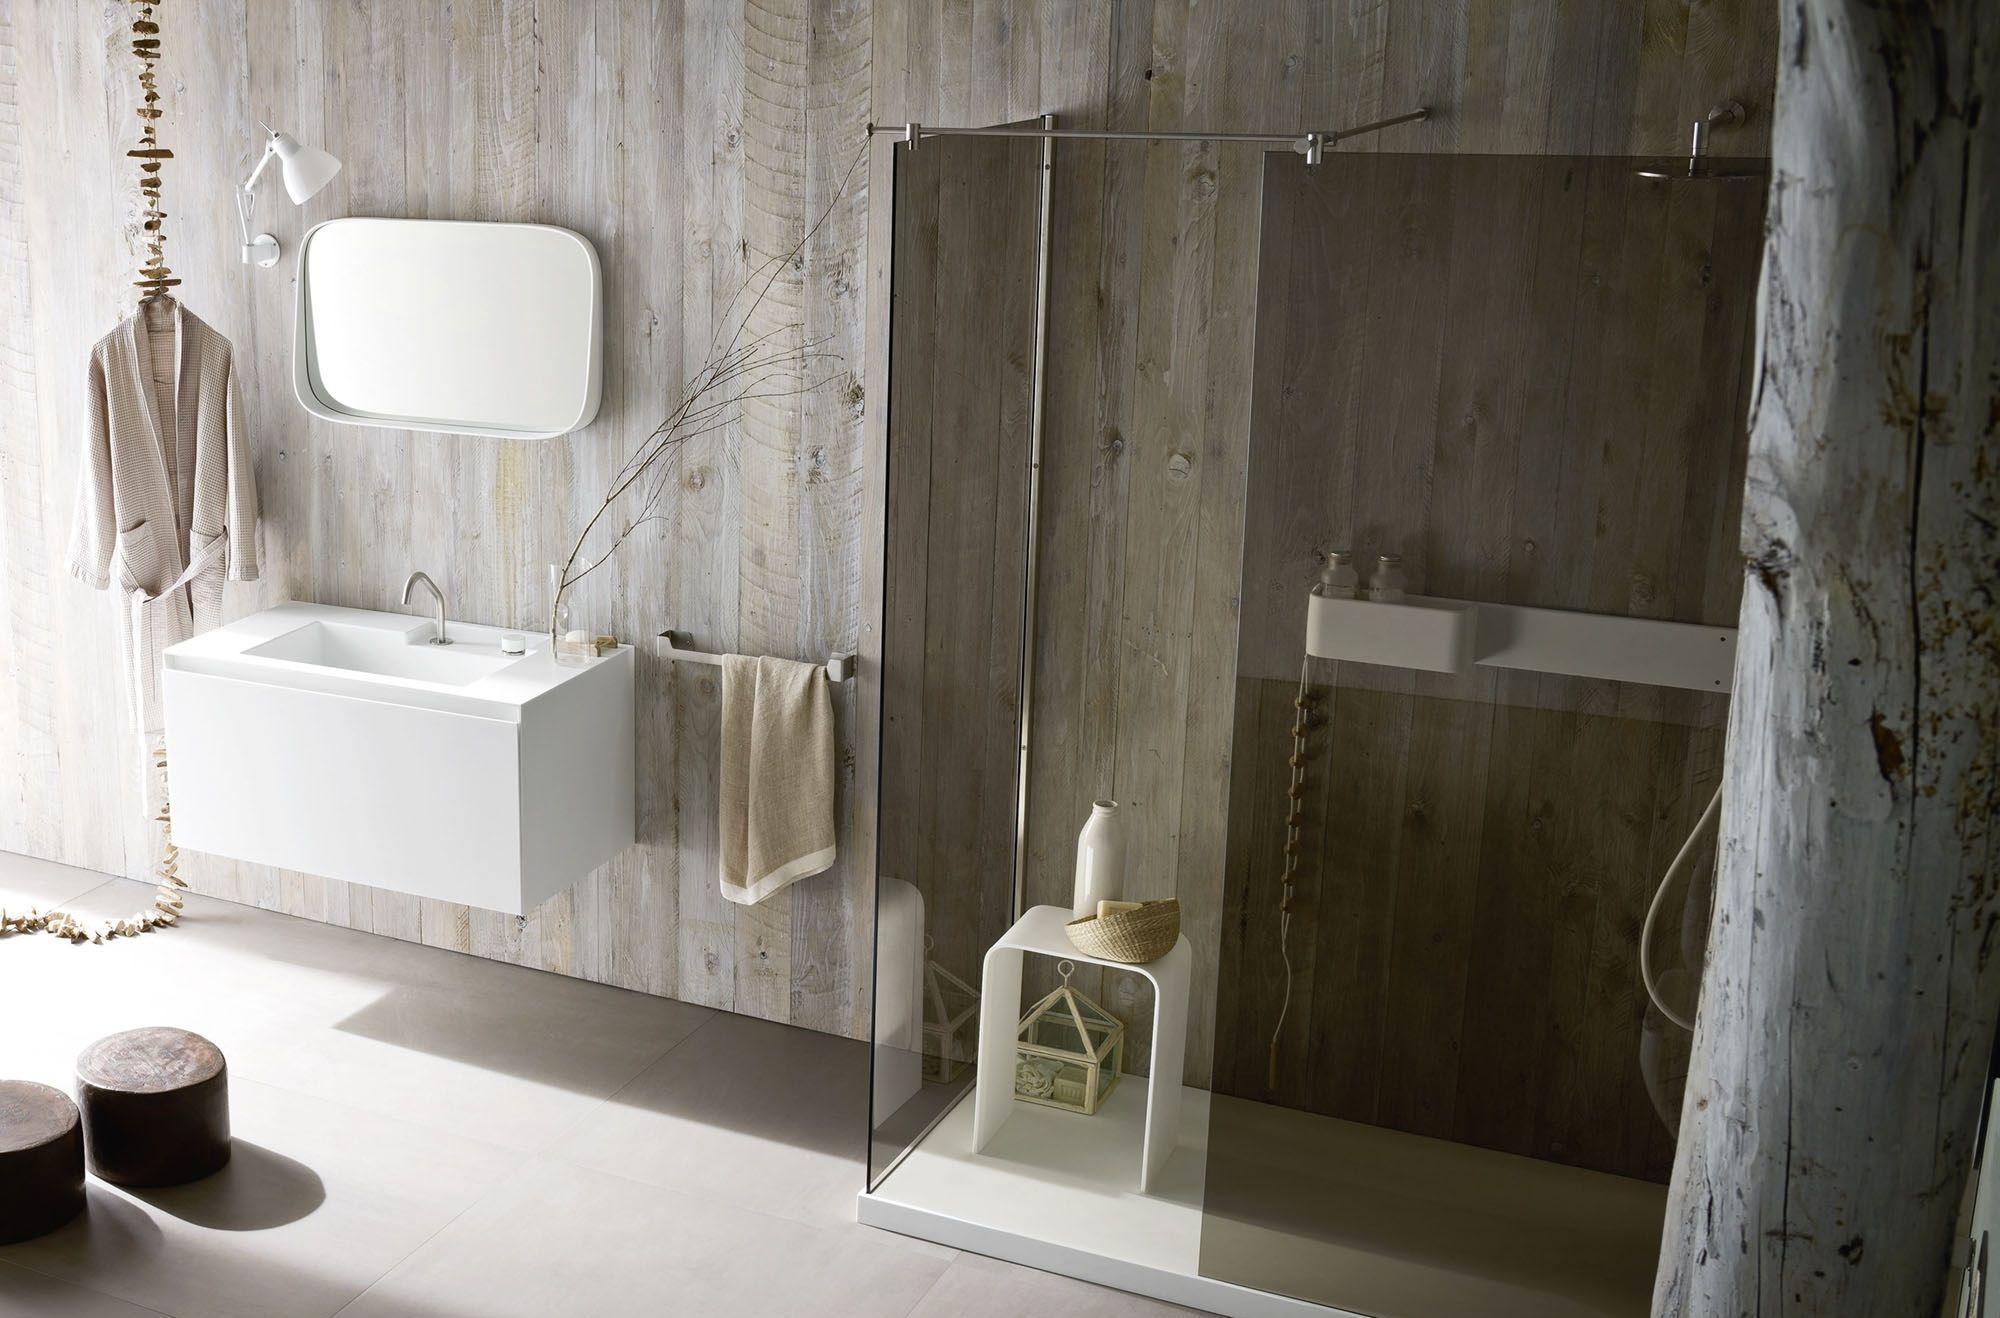 Душ без поддона с затемненным стеклом в ванной